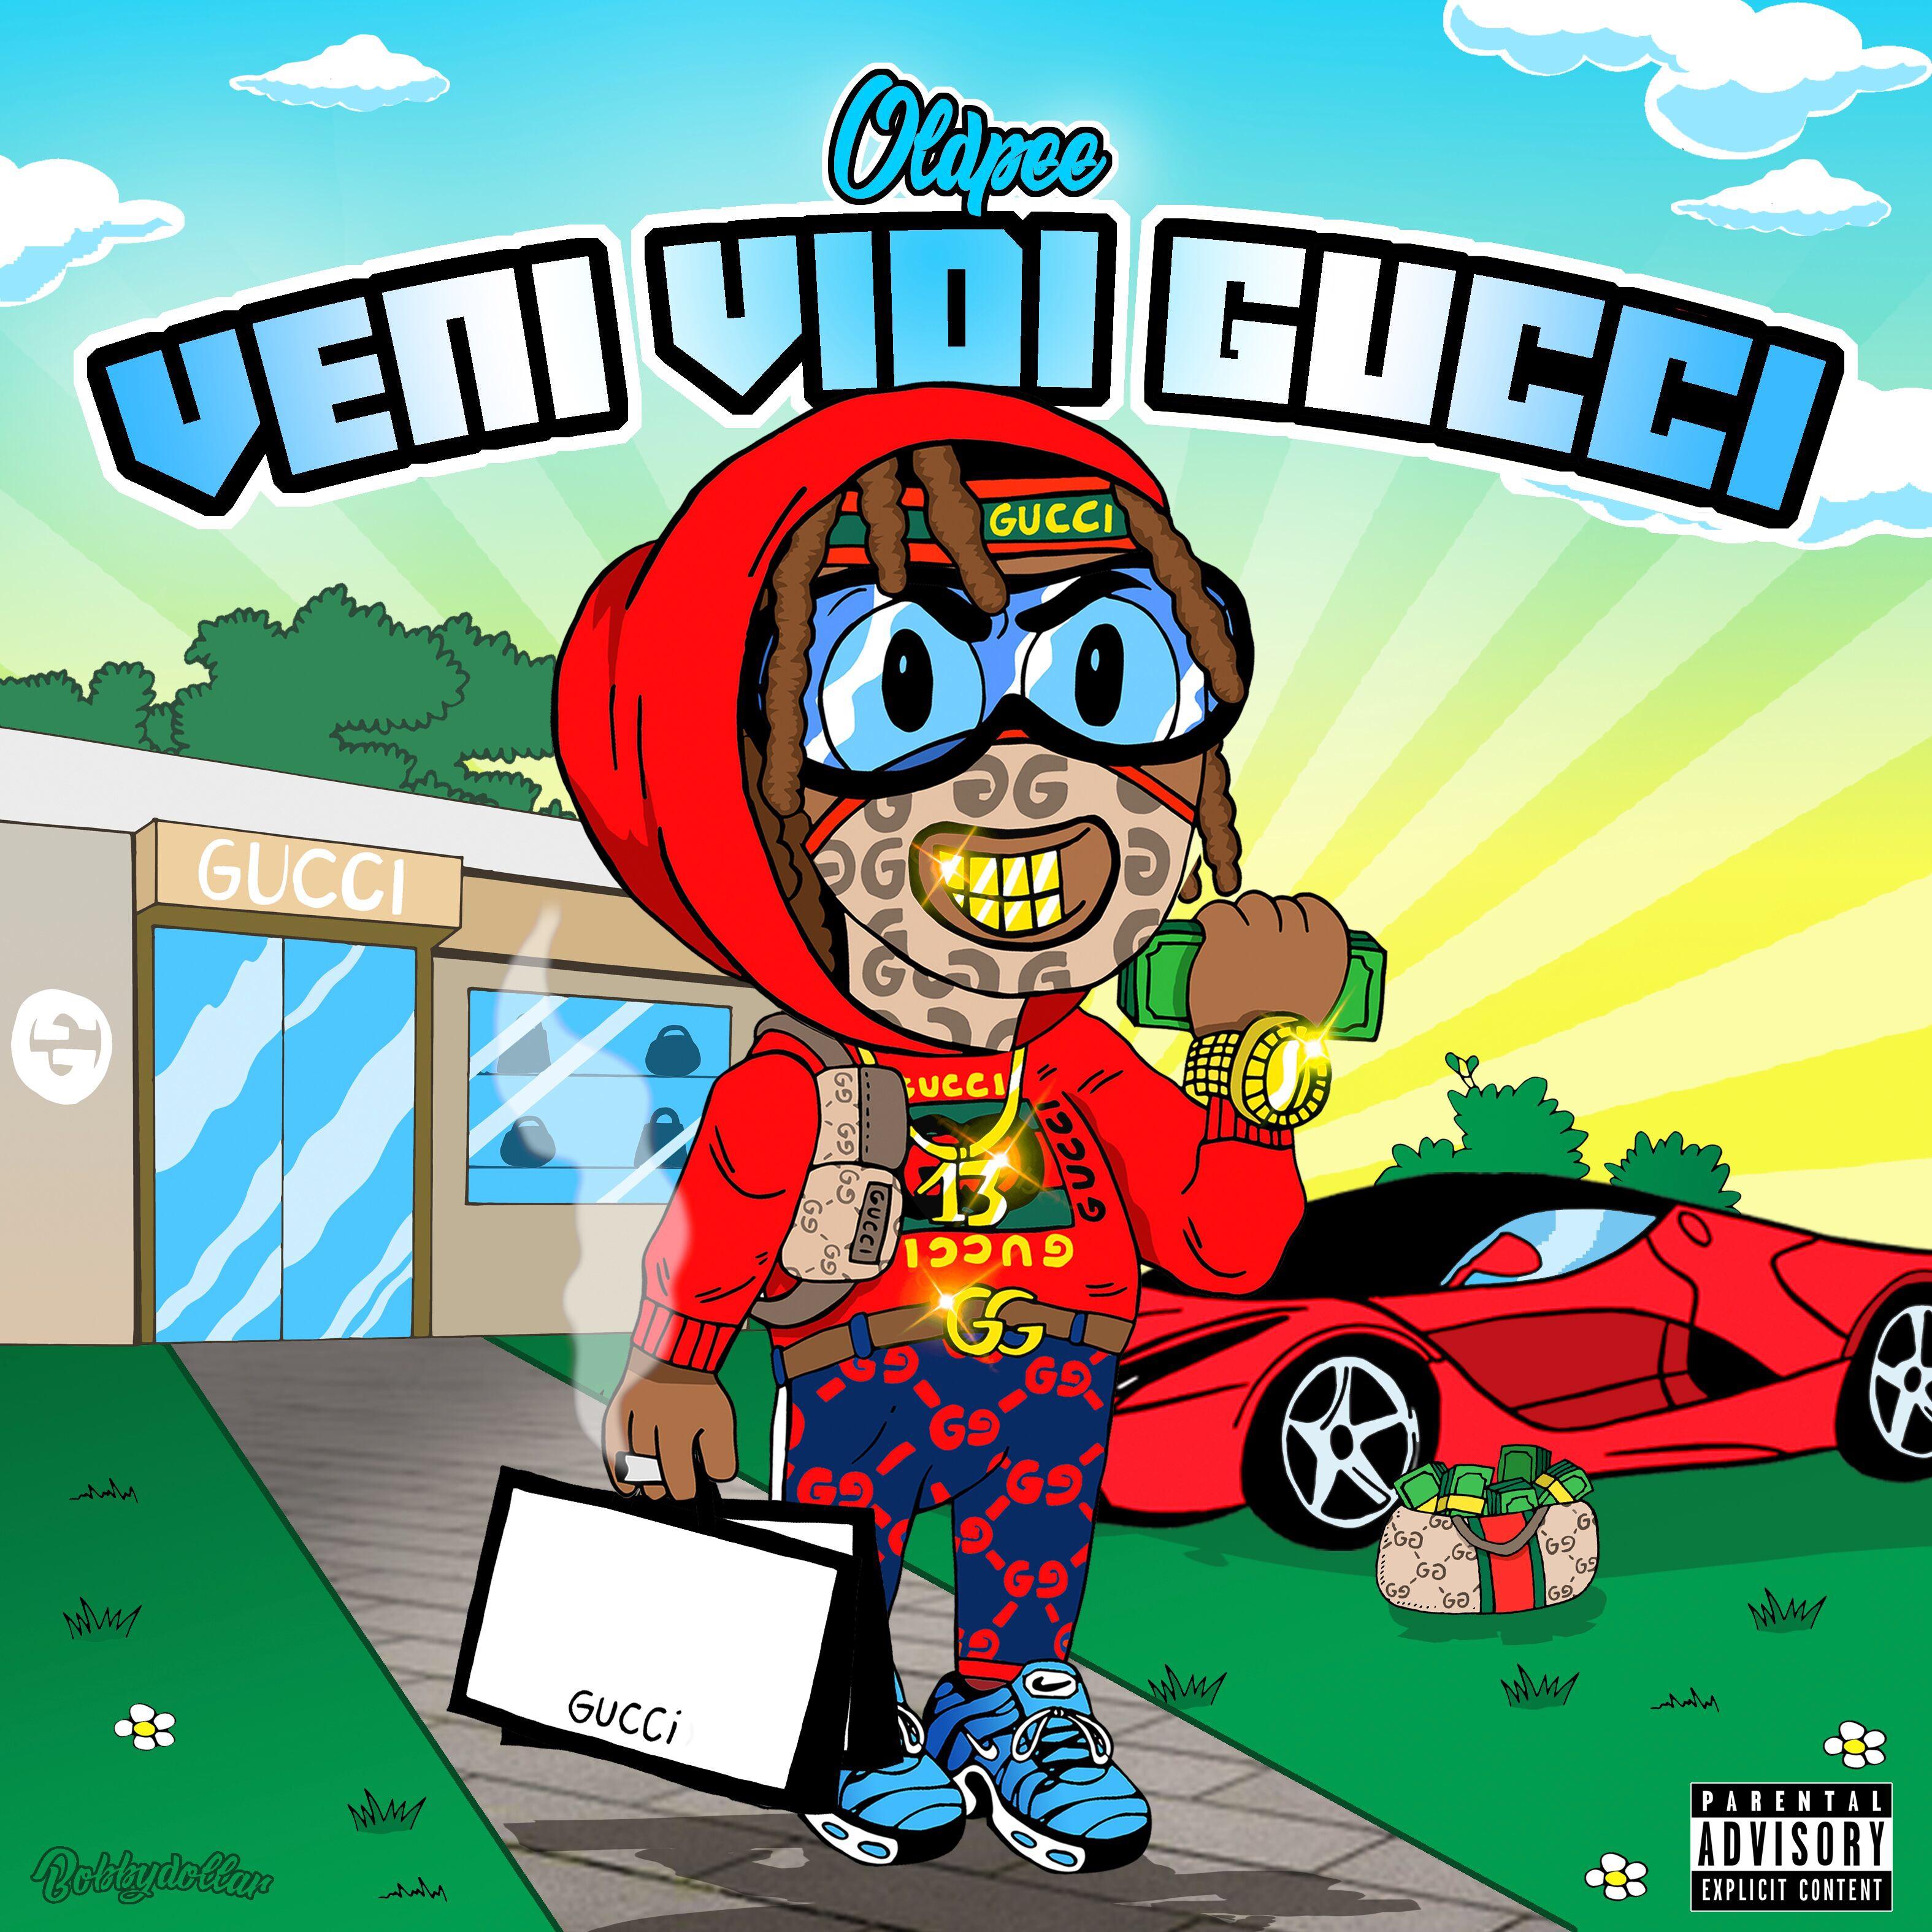 Oldpee-Veni_Vidi_Gucci